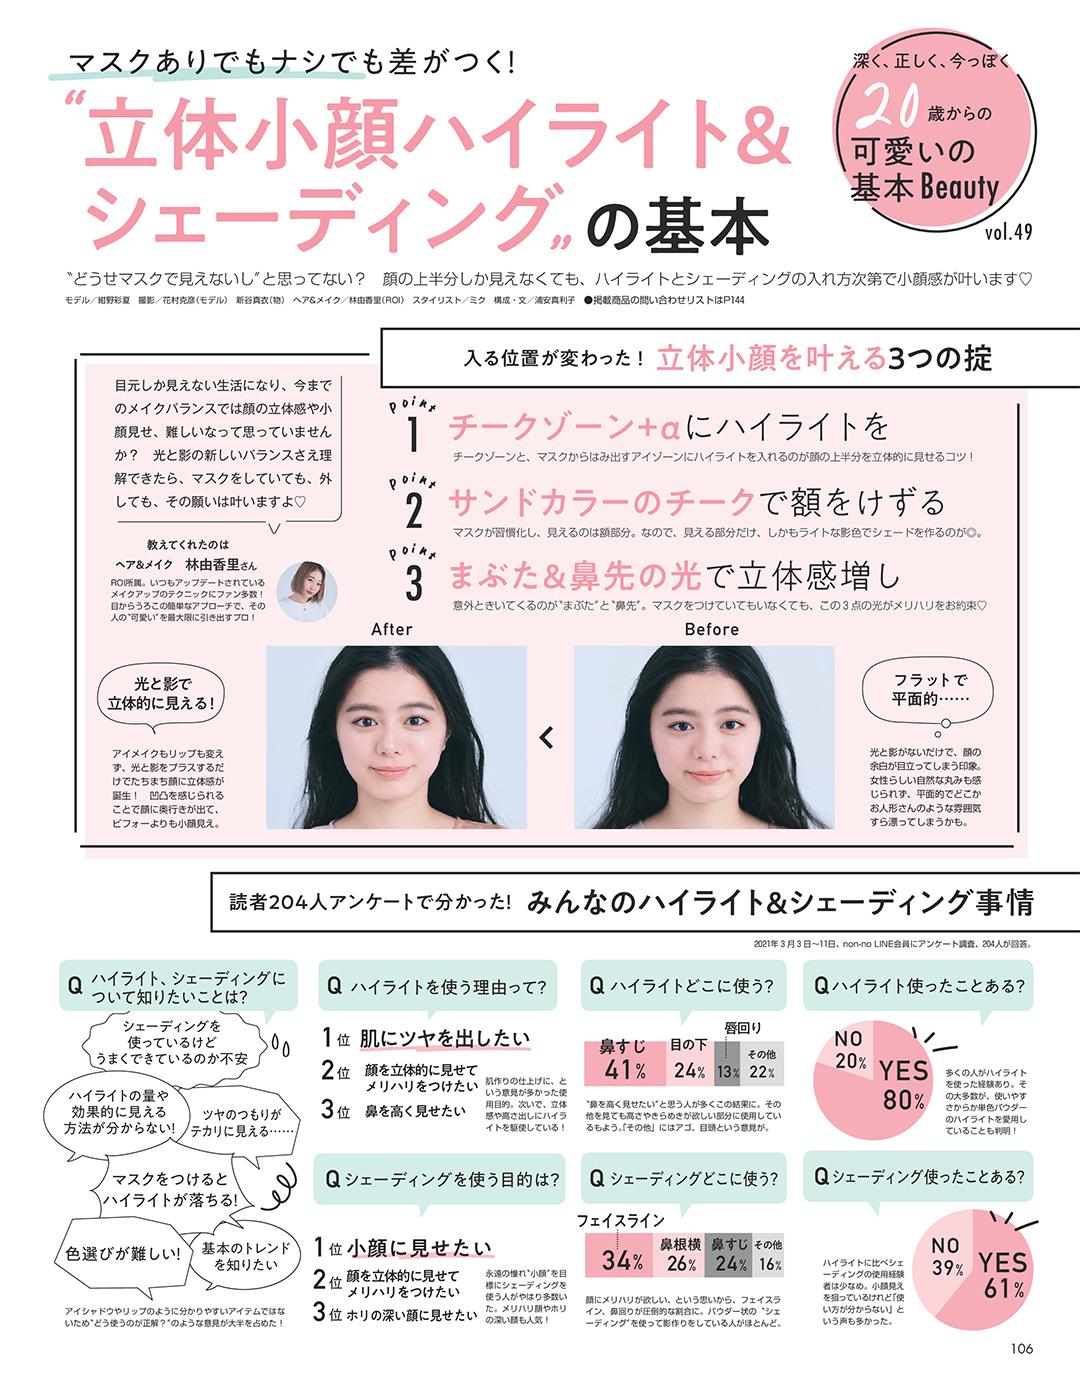 """""""立体小顔ハイライト&シェーディング""""の基本"""